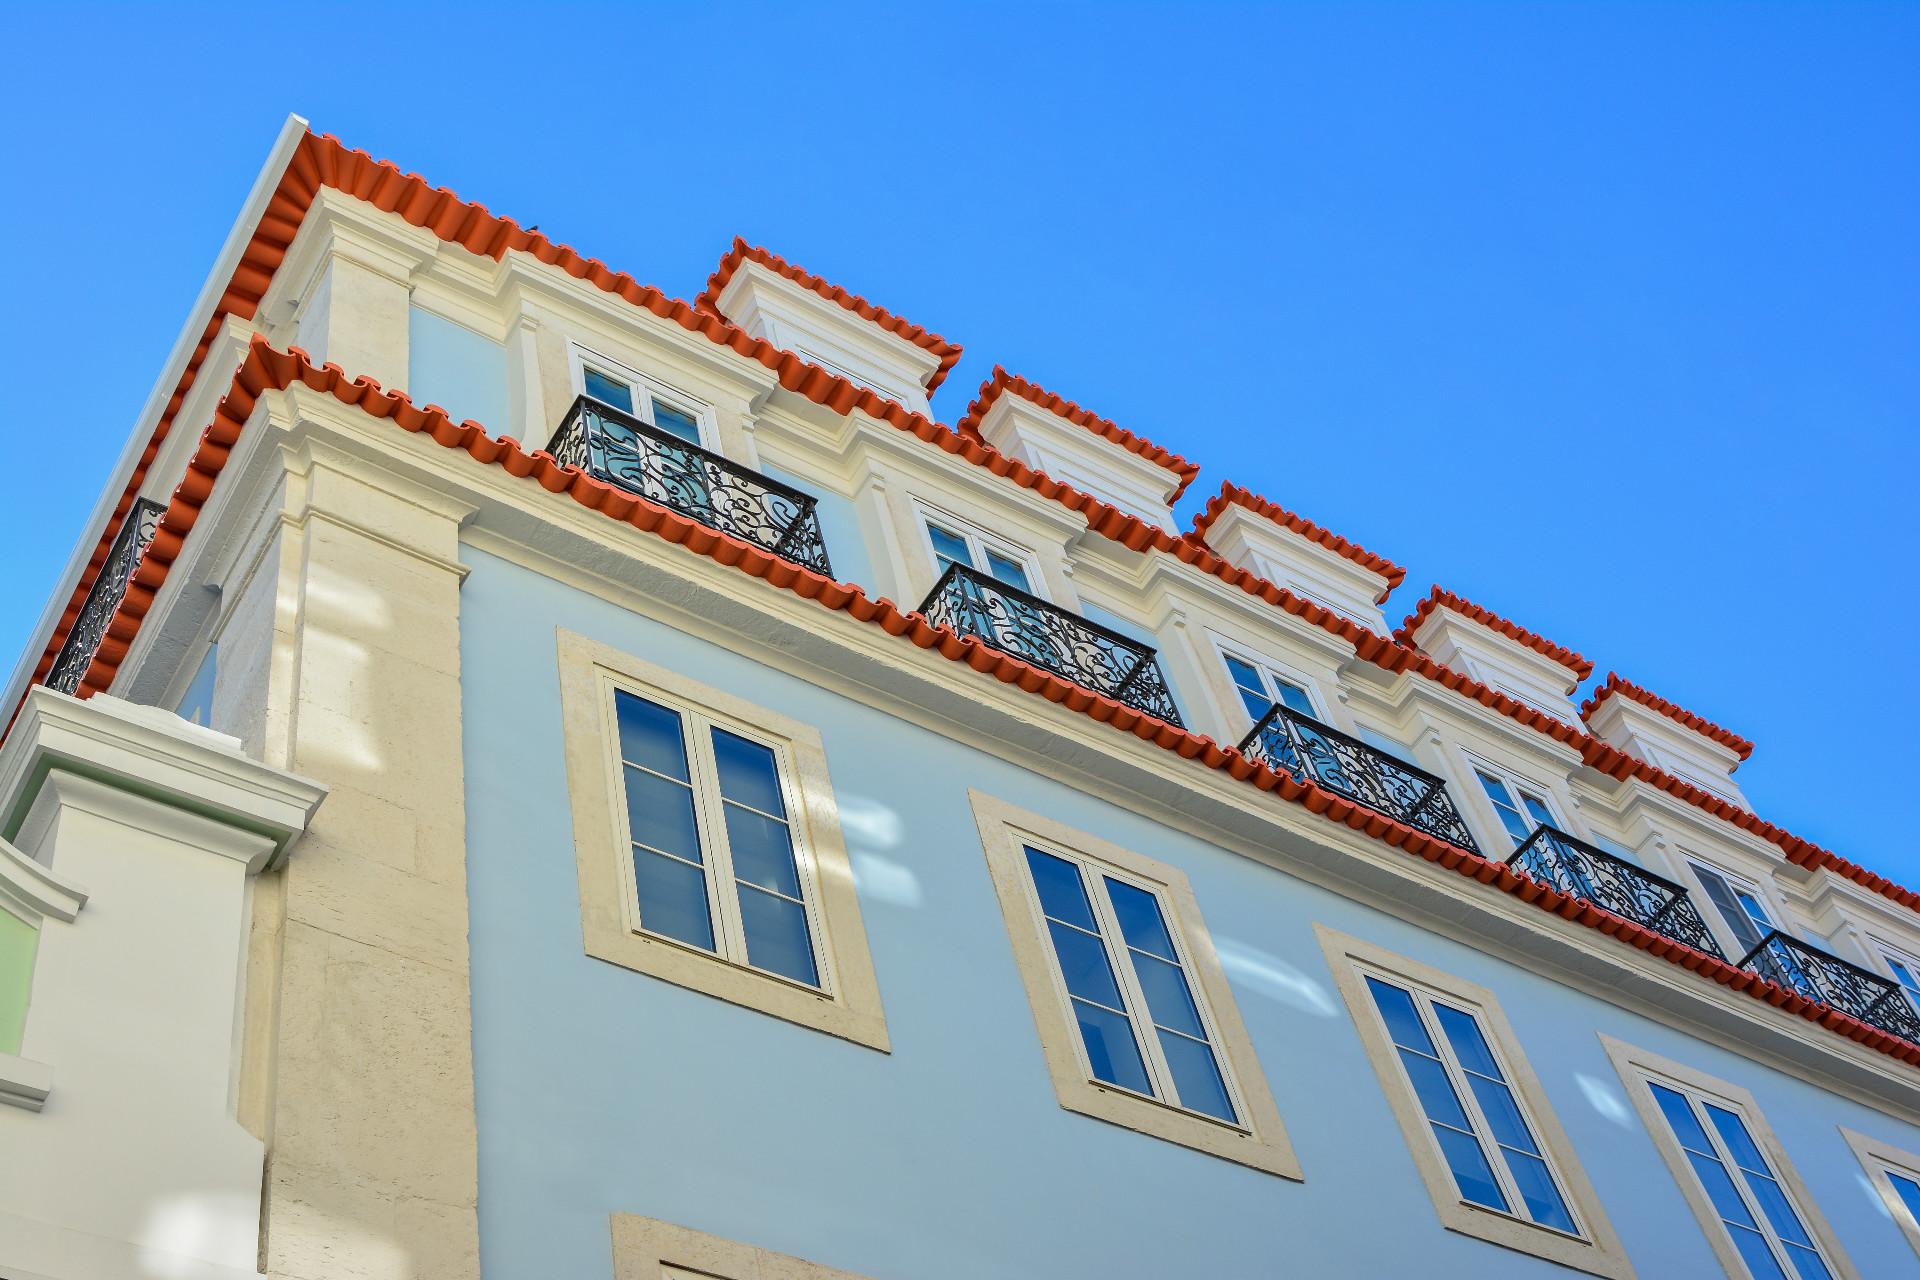 Soluções imobiliárias criativas